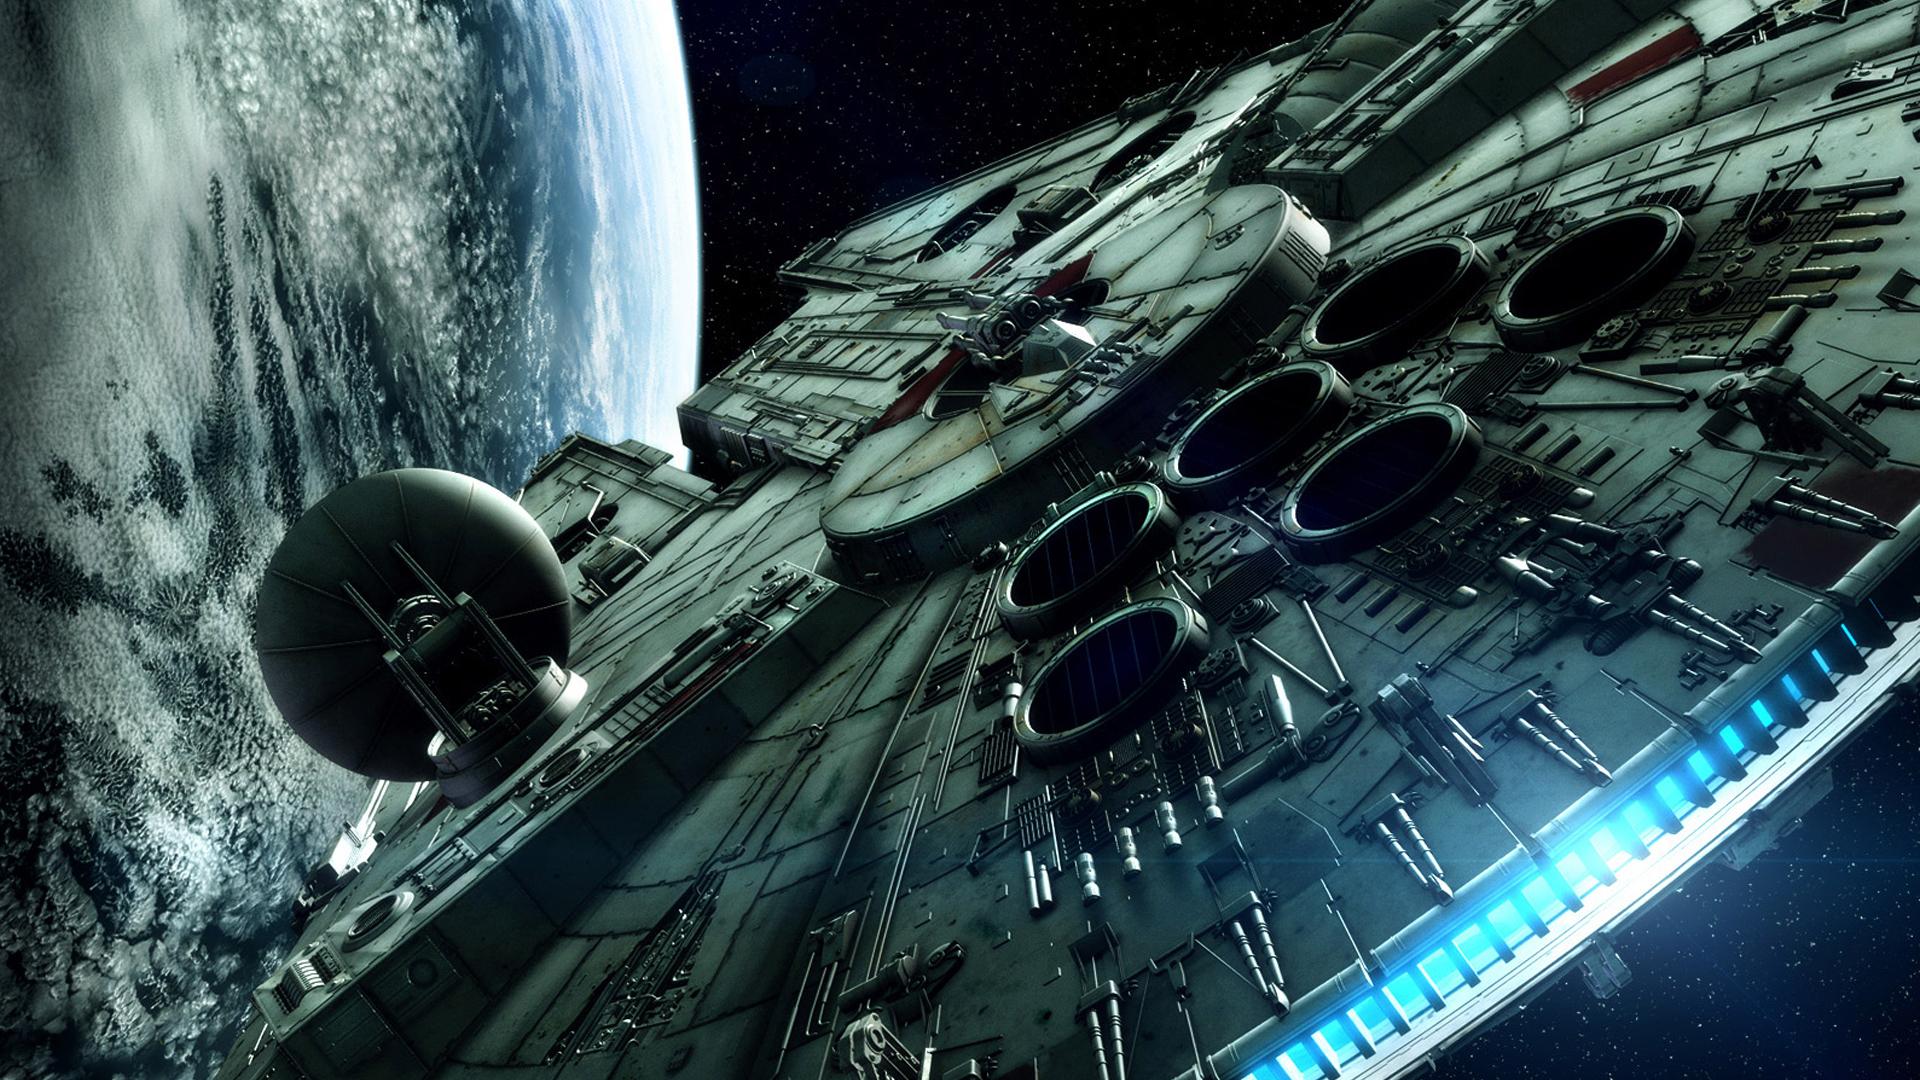 Star Wars Wallpaper Widescreen 3